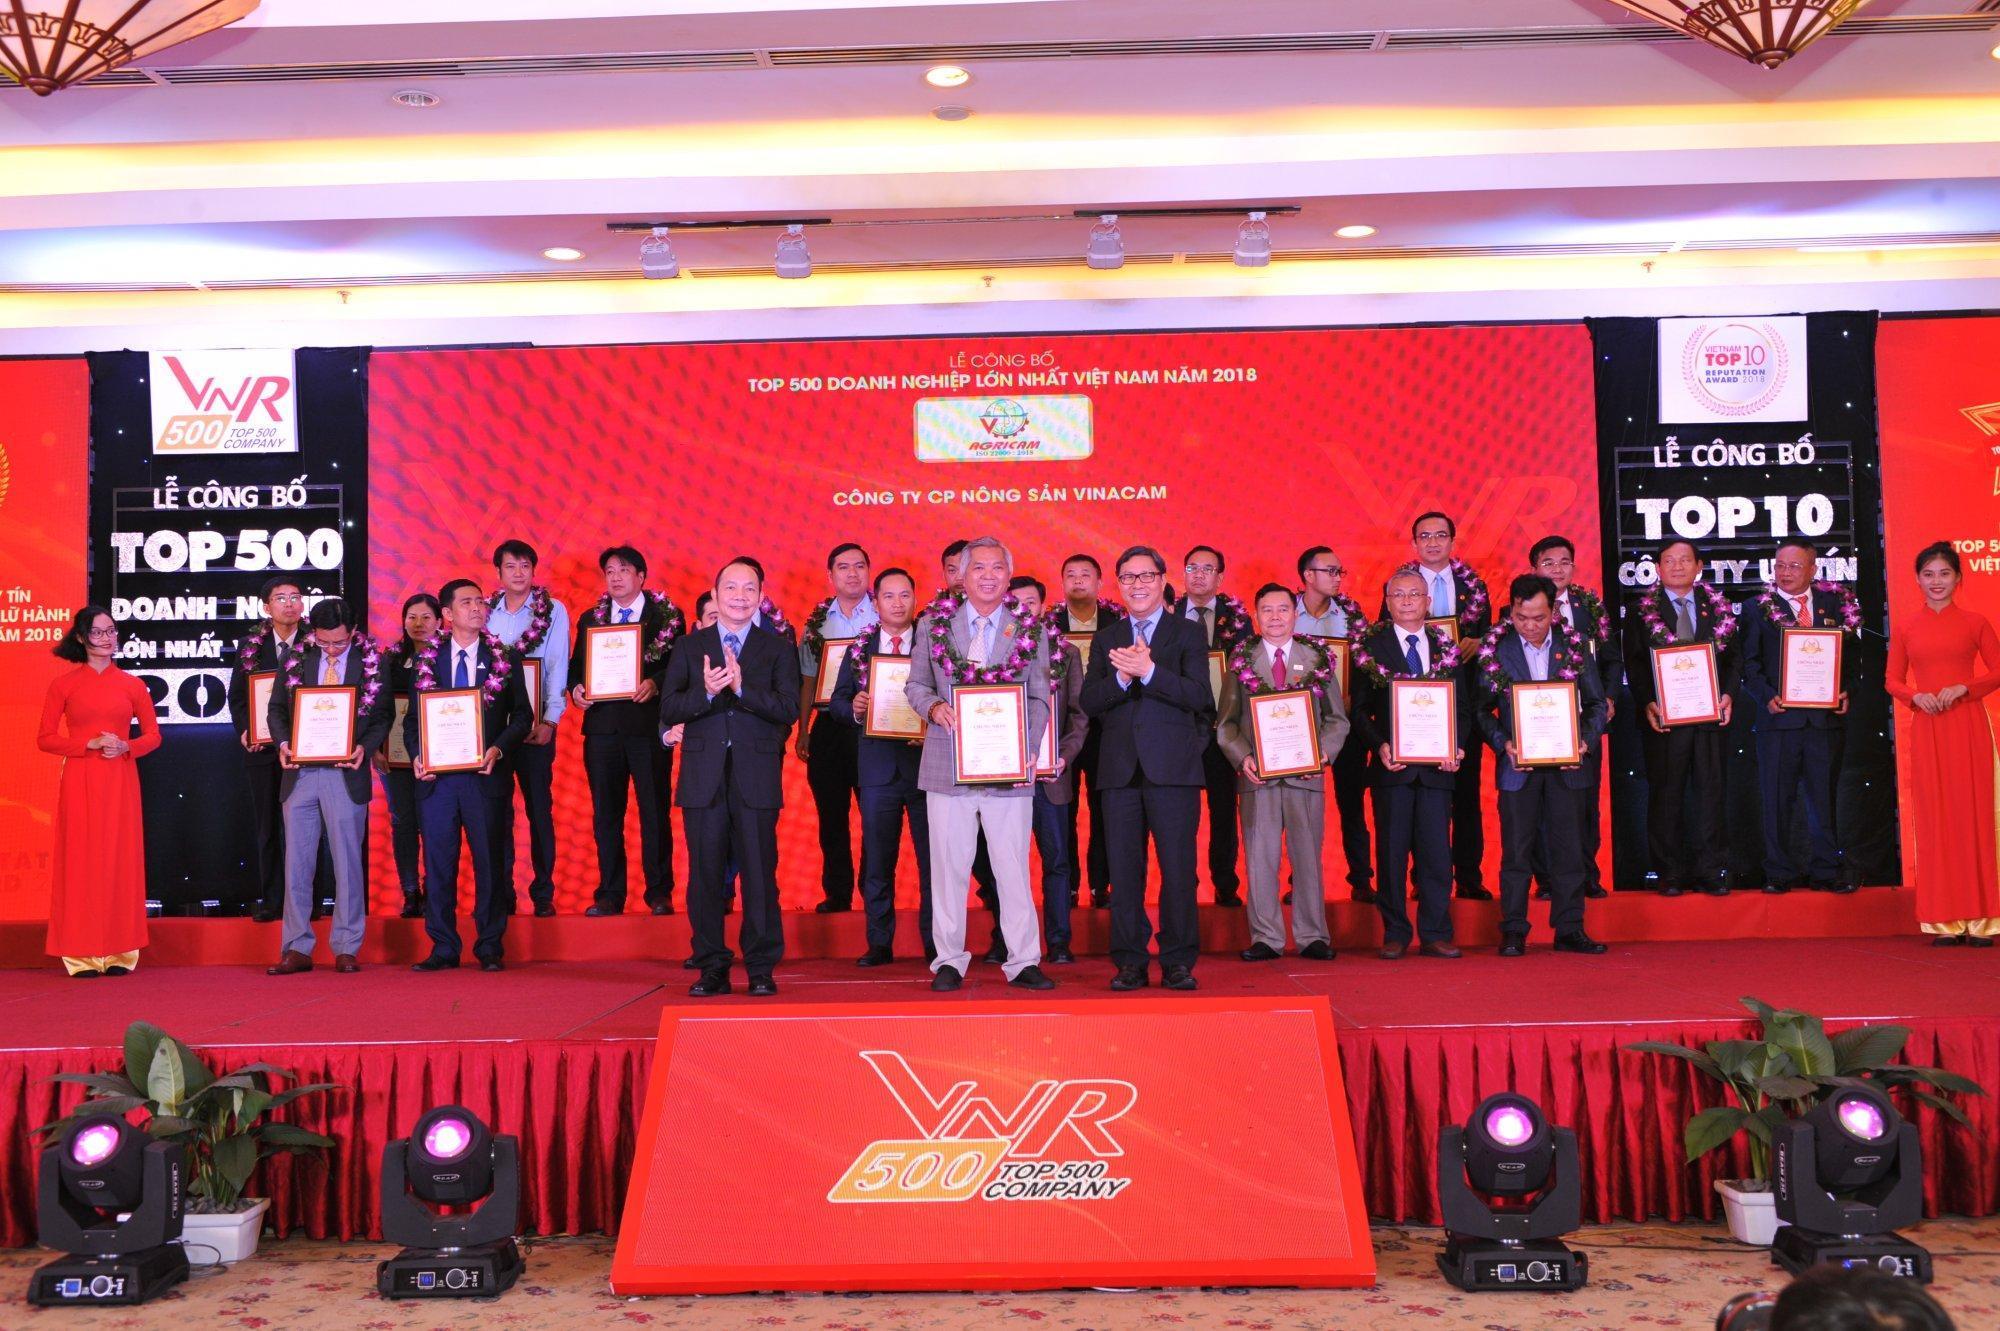 Agricam xuất sắc tăng 126 hạng trong BXH TOP 500 Doanh nghiệp lớn nhất Việt Nam